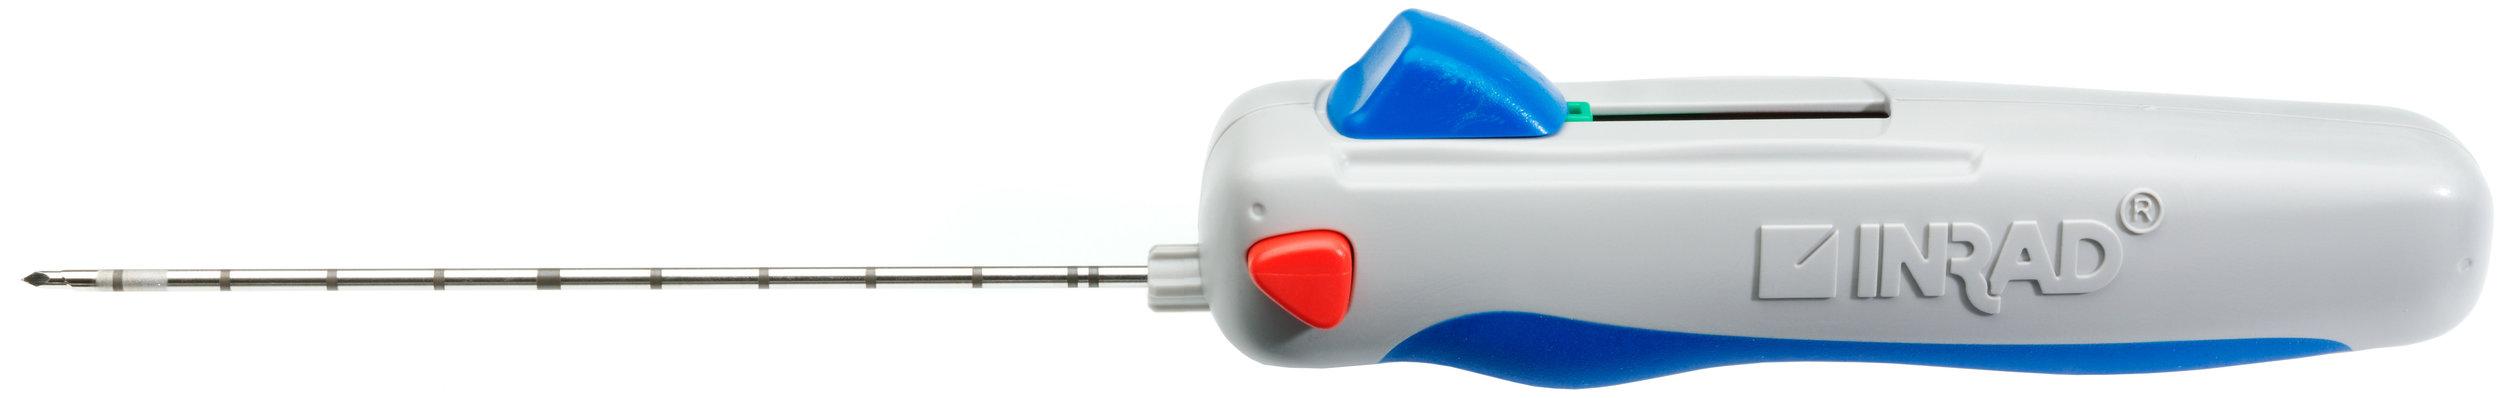 INRAD PreciseCore Biopsy Device